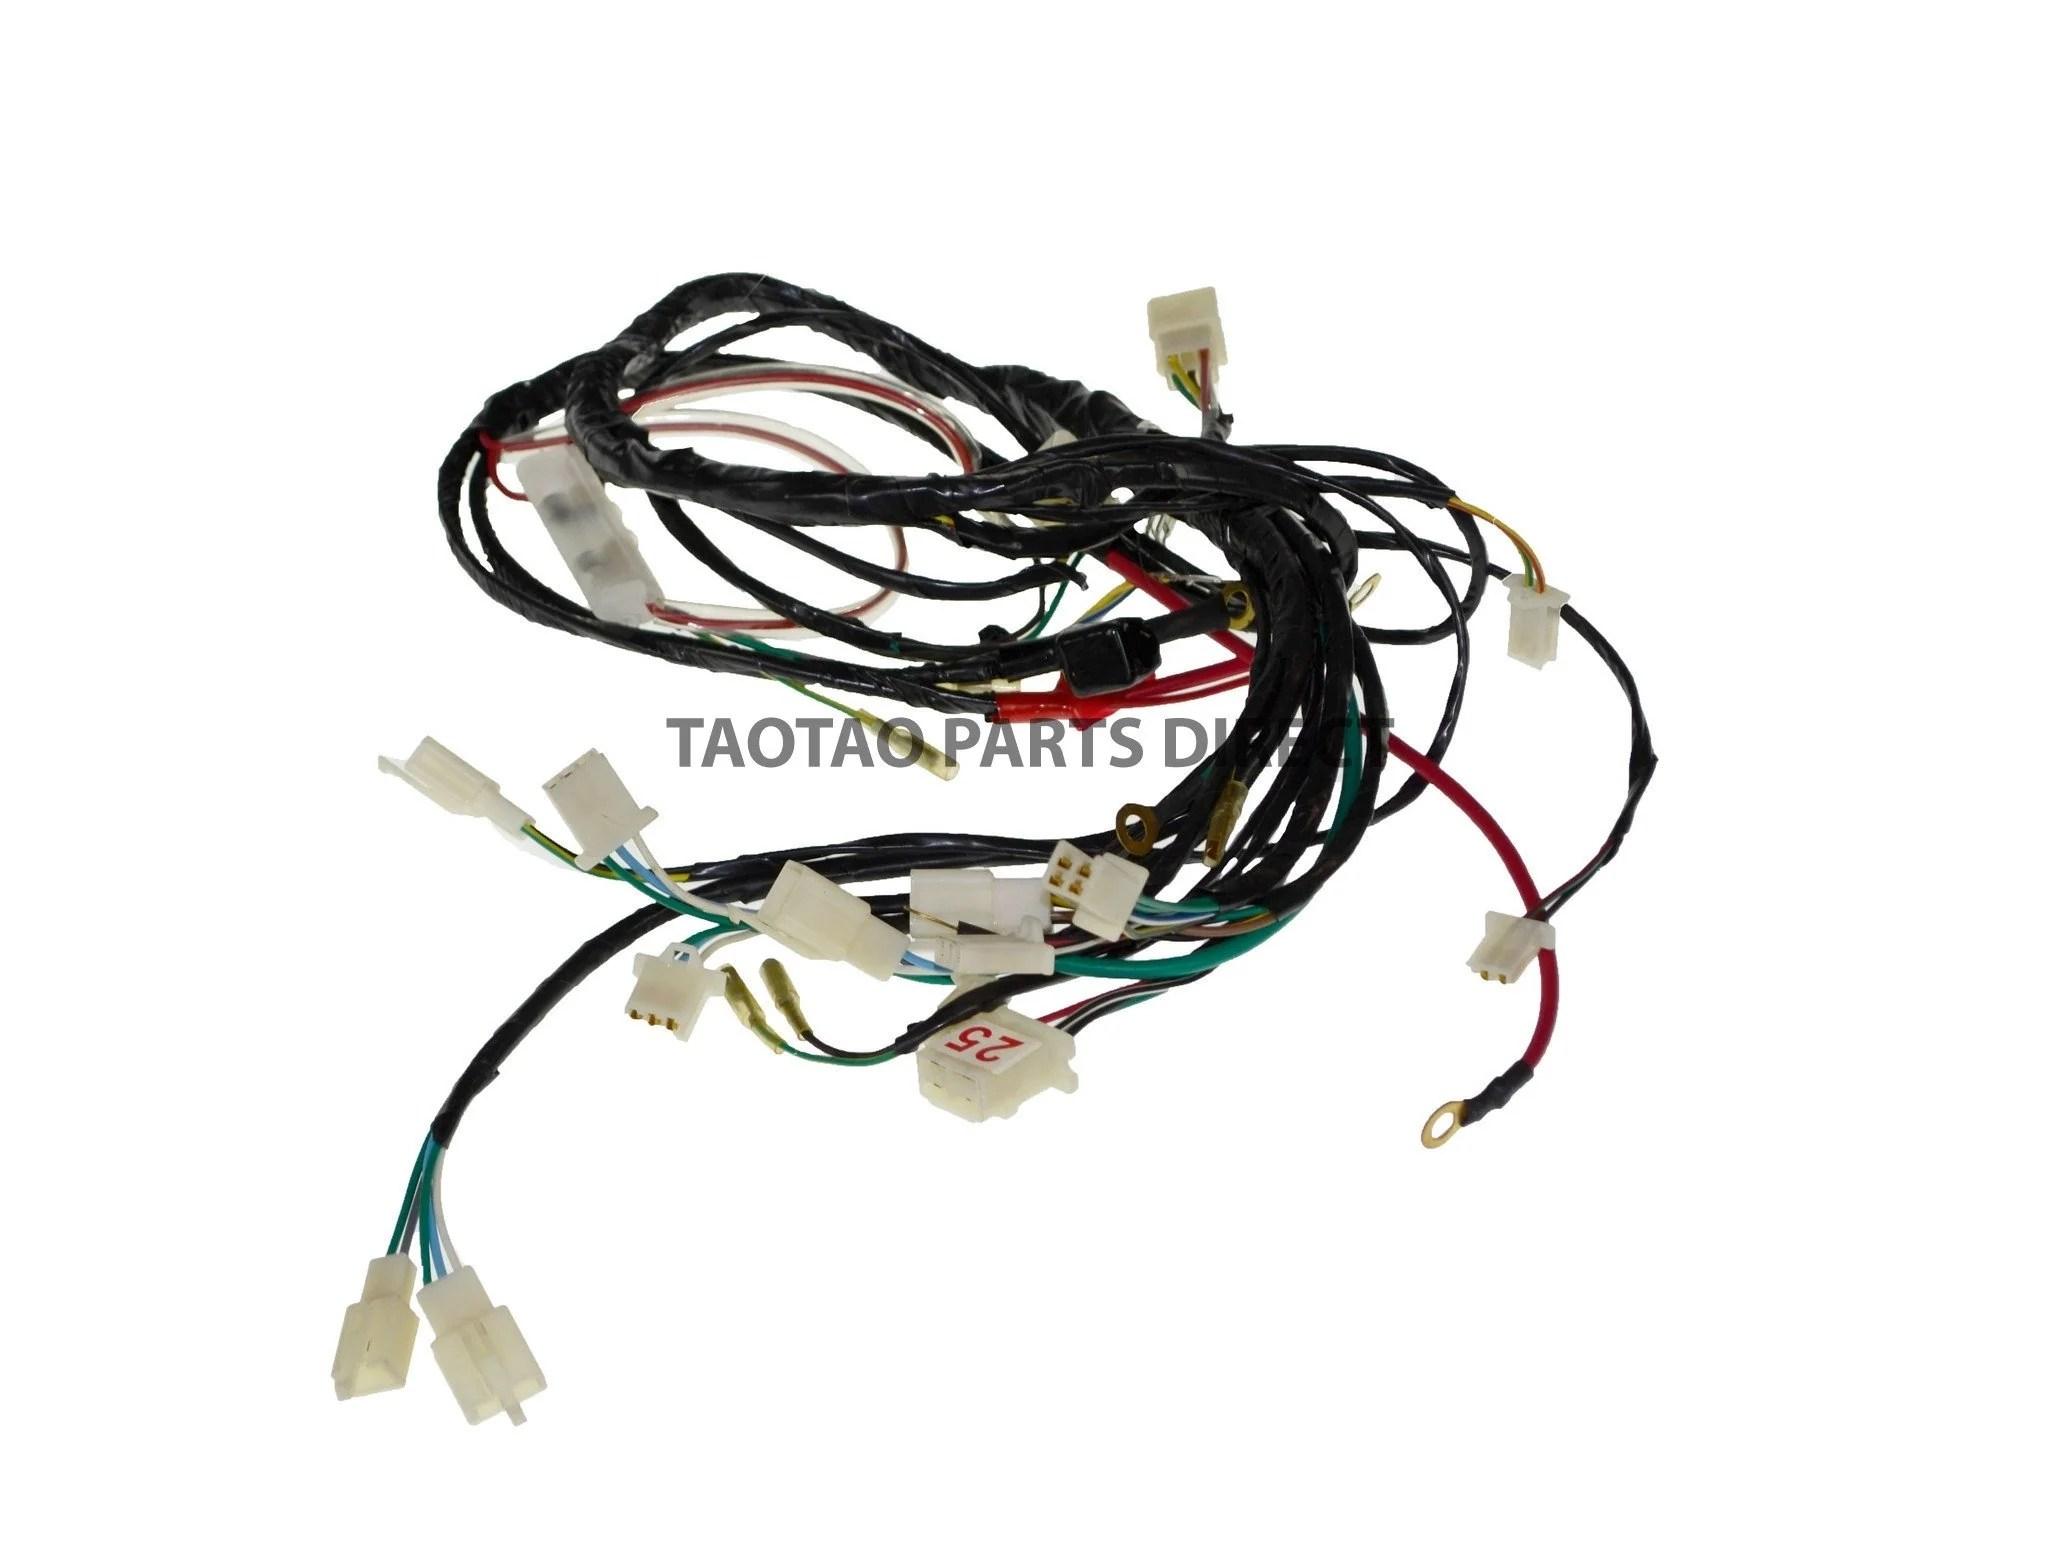 ata250d wire harness 25 taotao parts directatv parts ata250d wire harness 25 [ 2048 x 1542 Pixel ]